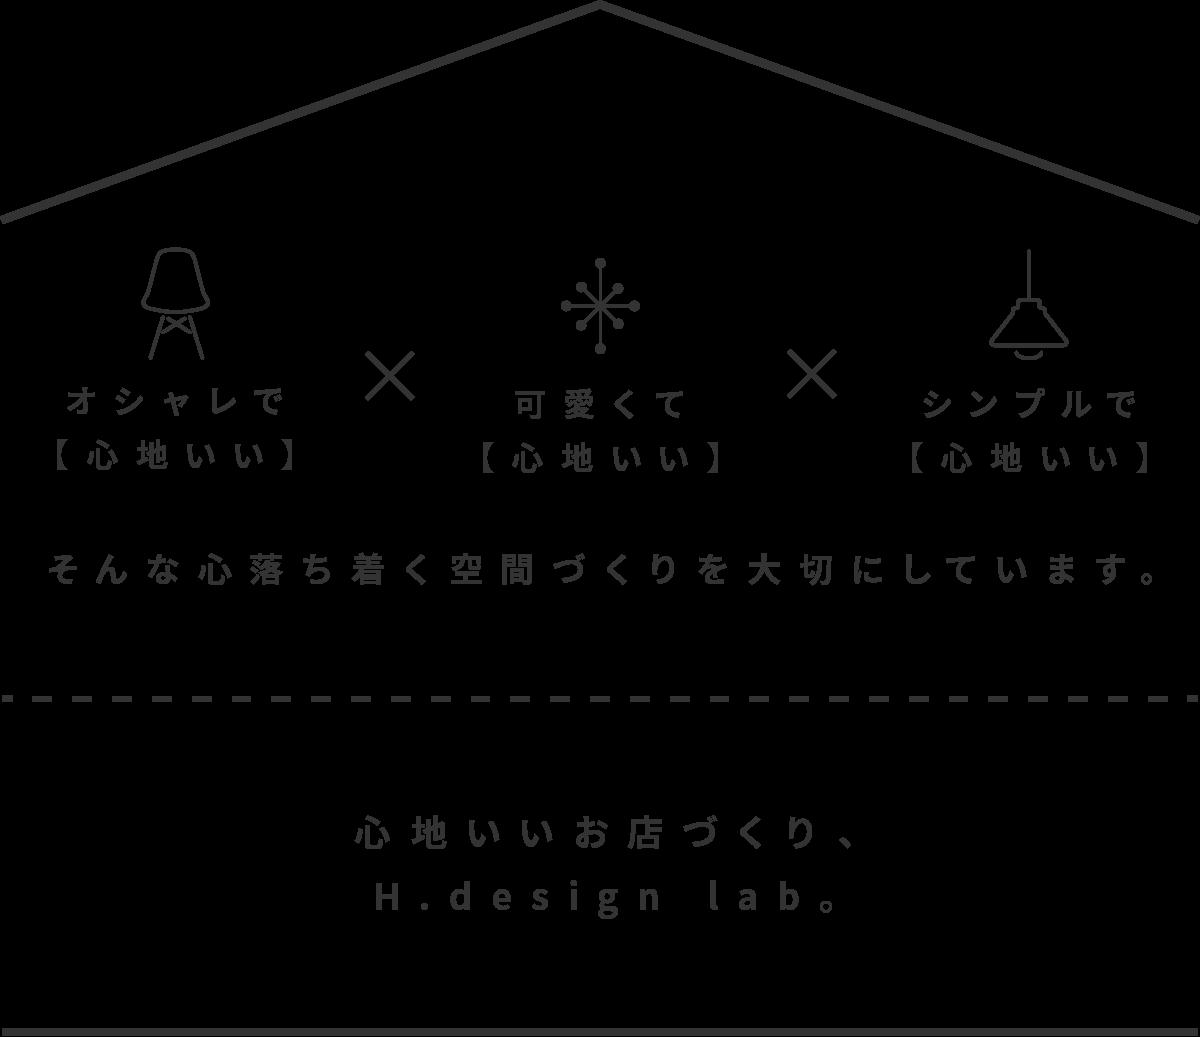 オシャレで【心地いい】× 可愛くて【心地いい】× シンプルで【心地いい】。そんな心落ち着く空間づくりを大切にしています。 心地いいお店づくり、H.design lab。